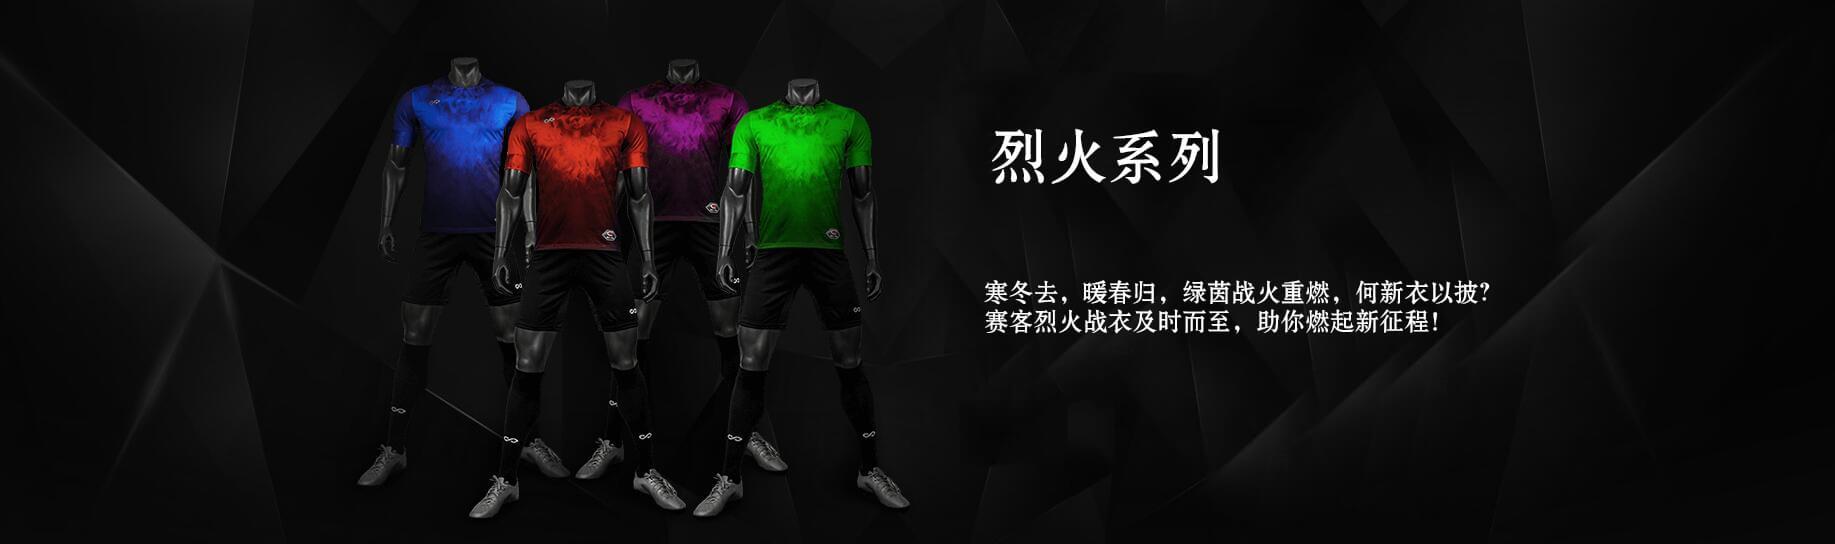 五行系列足球比賽服